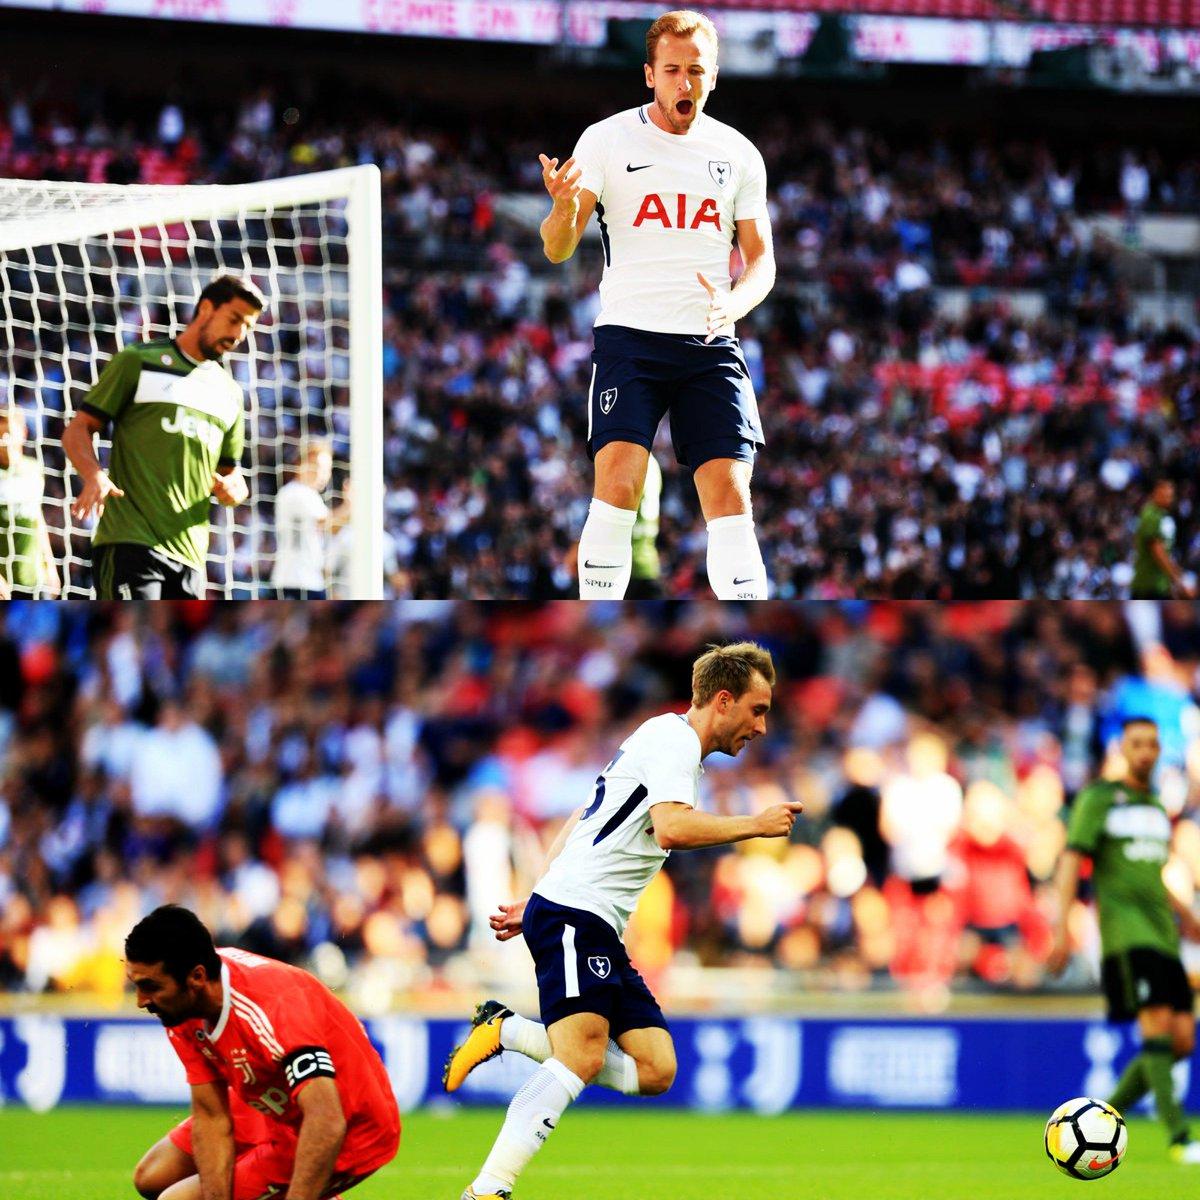 Juventus sconfitta a Wembley dal Tottenham 2-0: preoccupanti buchi difensivi per Allegri